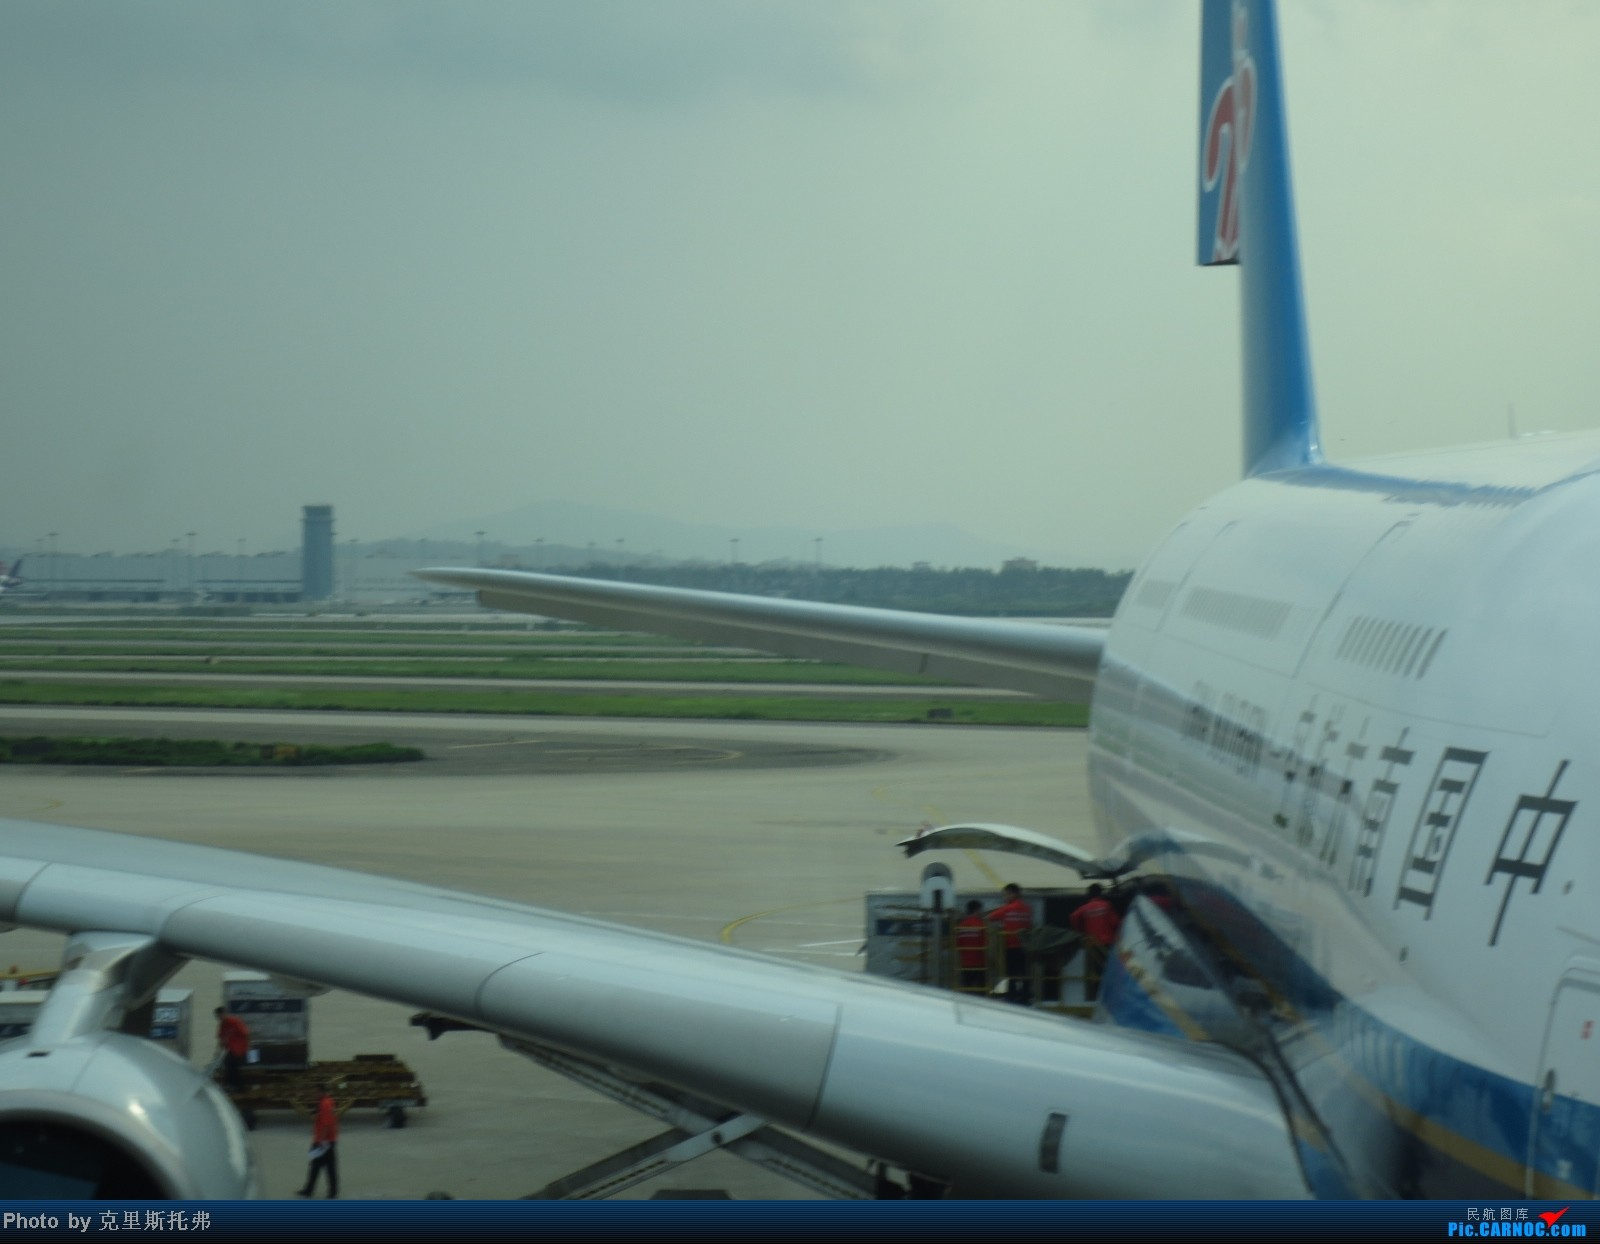 Re:[原创]【广州,你好!】八月齐鲁行 第一集 {初到齐鲁城} 不期而遇,鹏程行万里 相伴相惜,享飞行至美 AIRBUS A319-100 B-6185